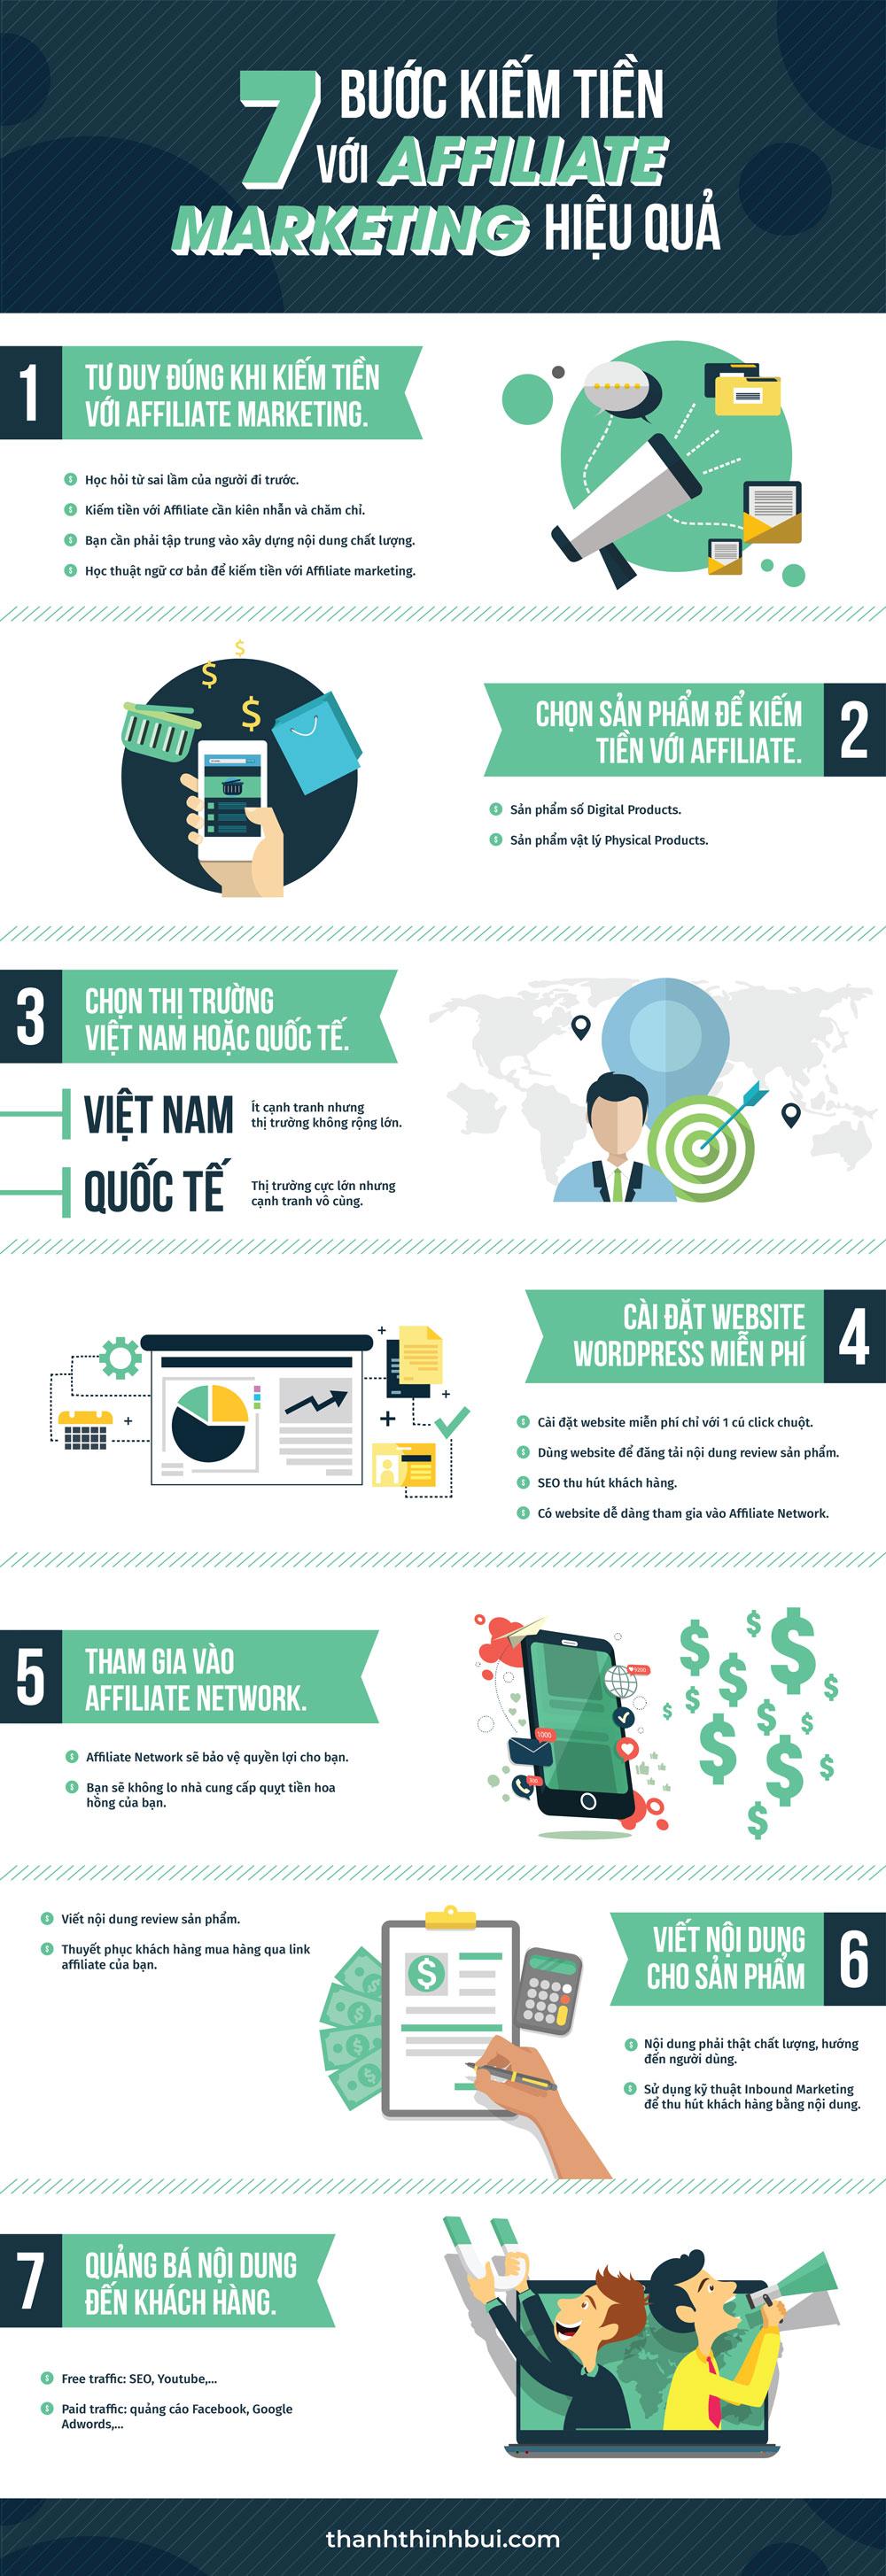 Ý tưởng 7 Bước kiếm tiền online qua tiếp thị liên kết